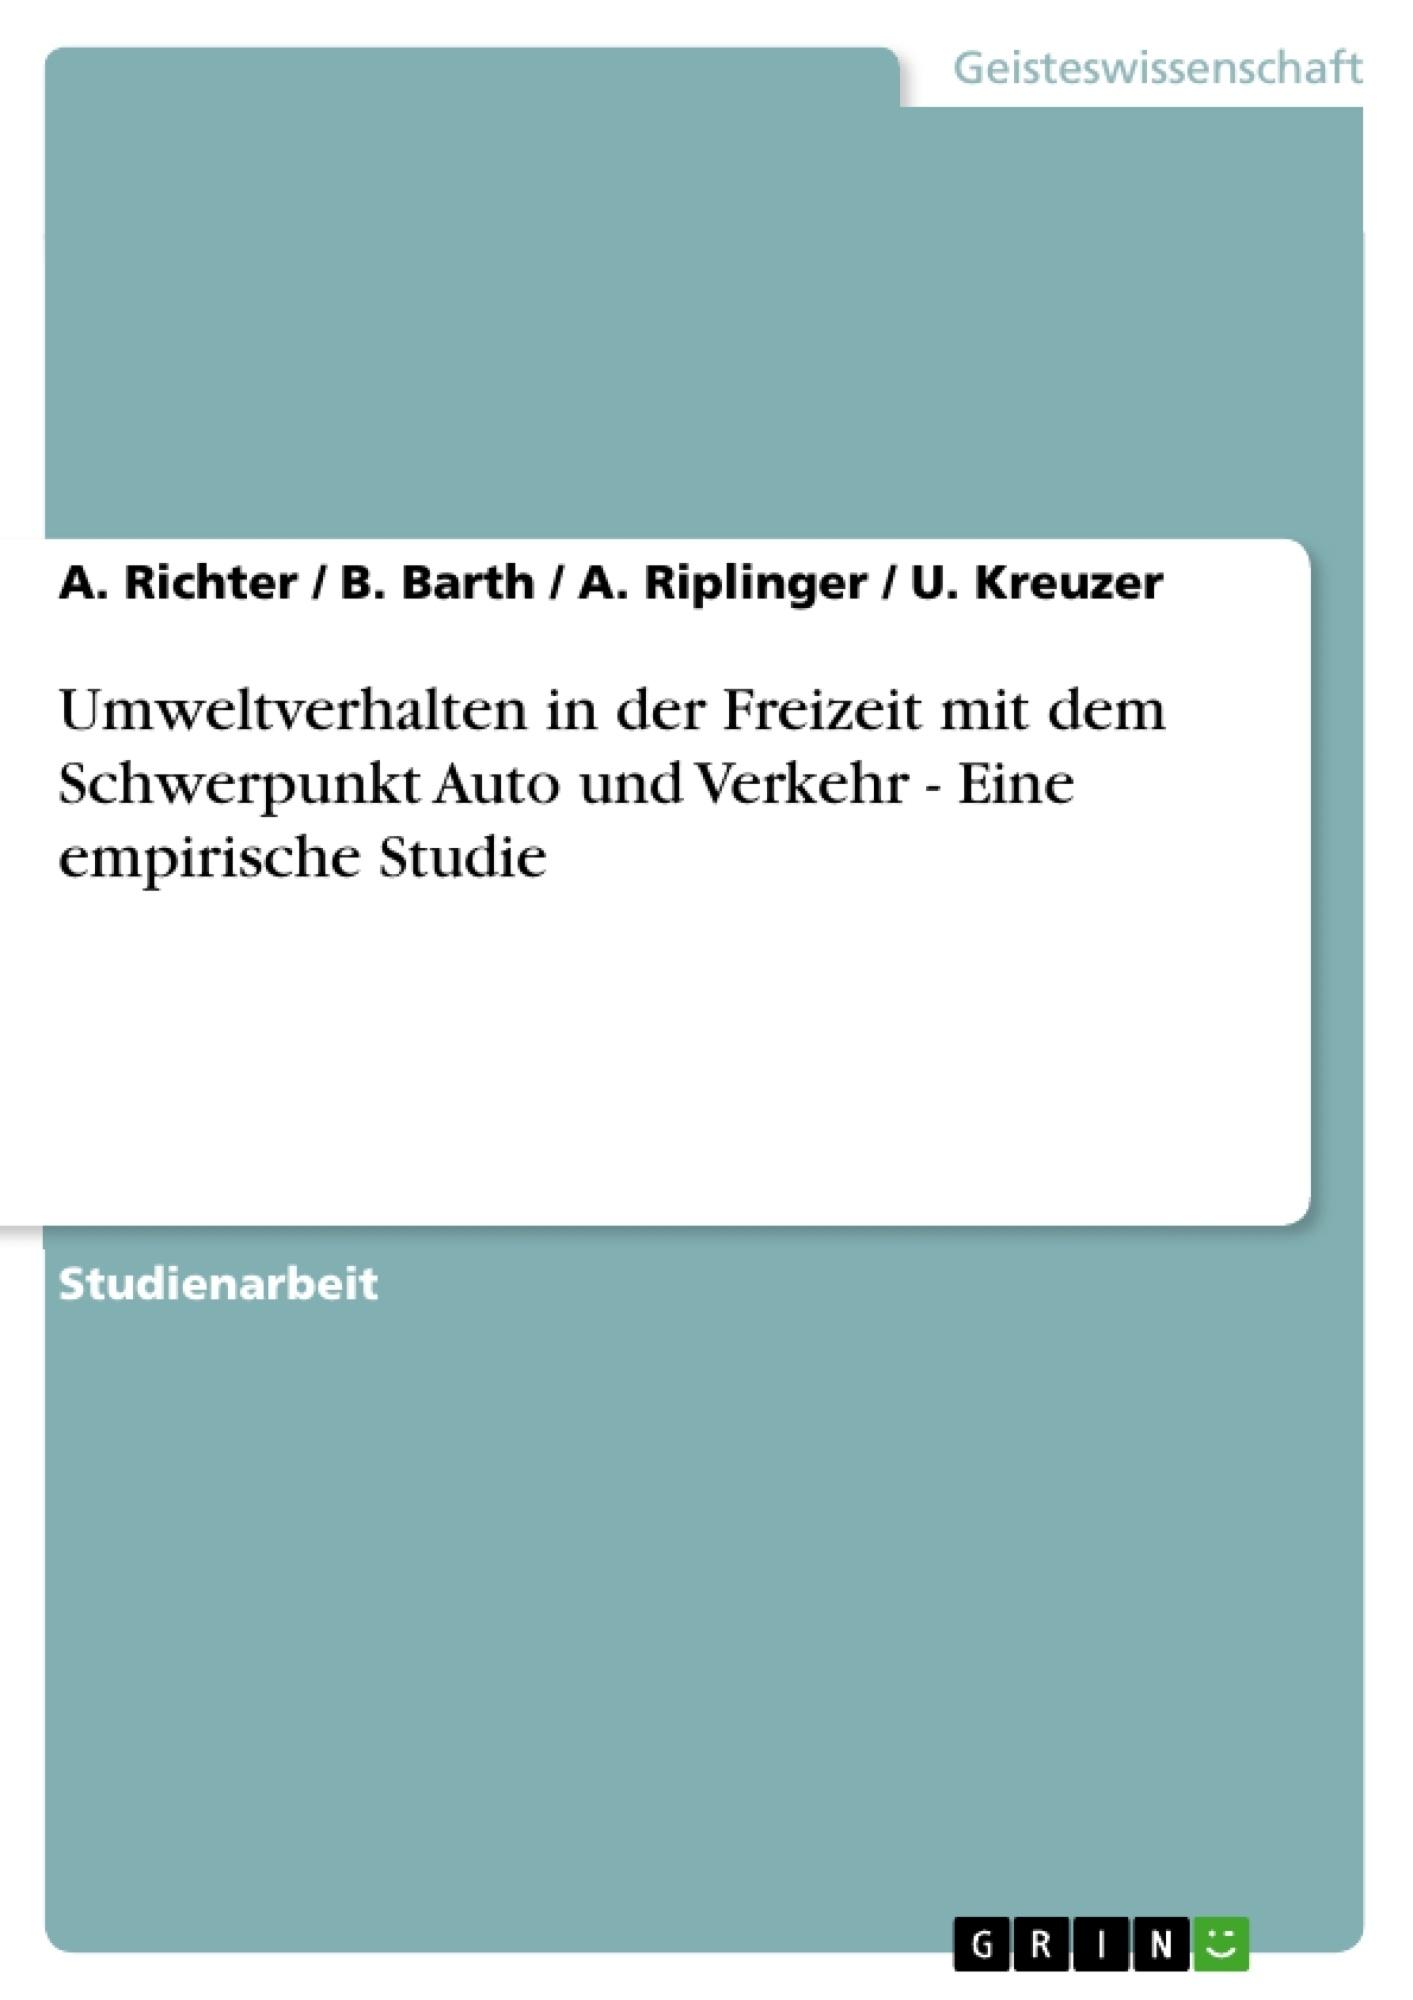 Titel: Umweltverhalten in der Freizeit mit dem Schwerpunkt Auto und Verkehr - Eine empirische Studie